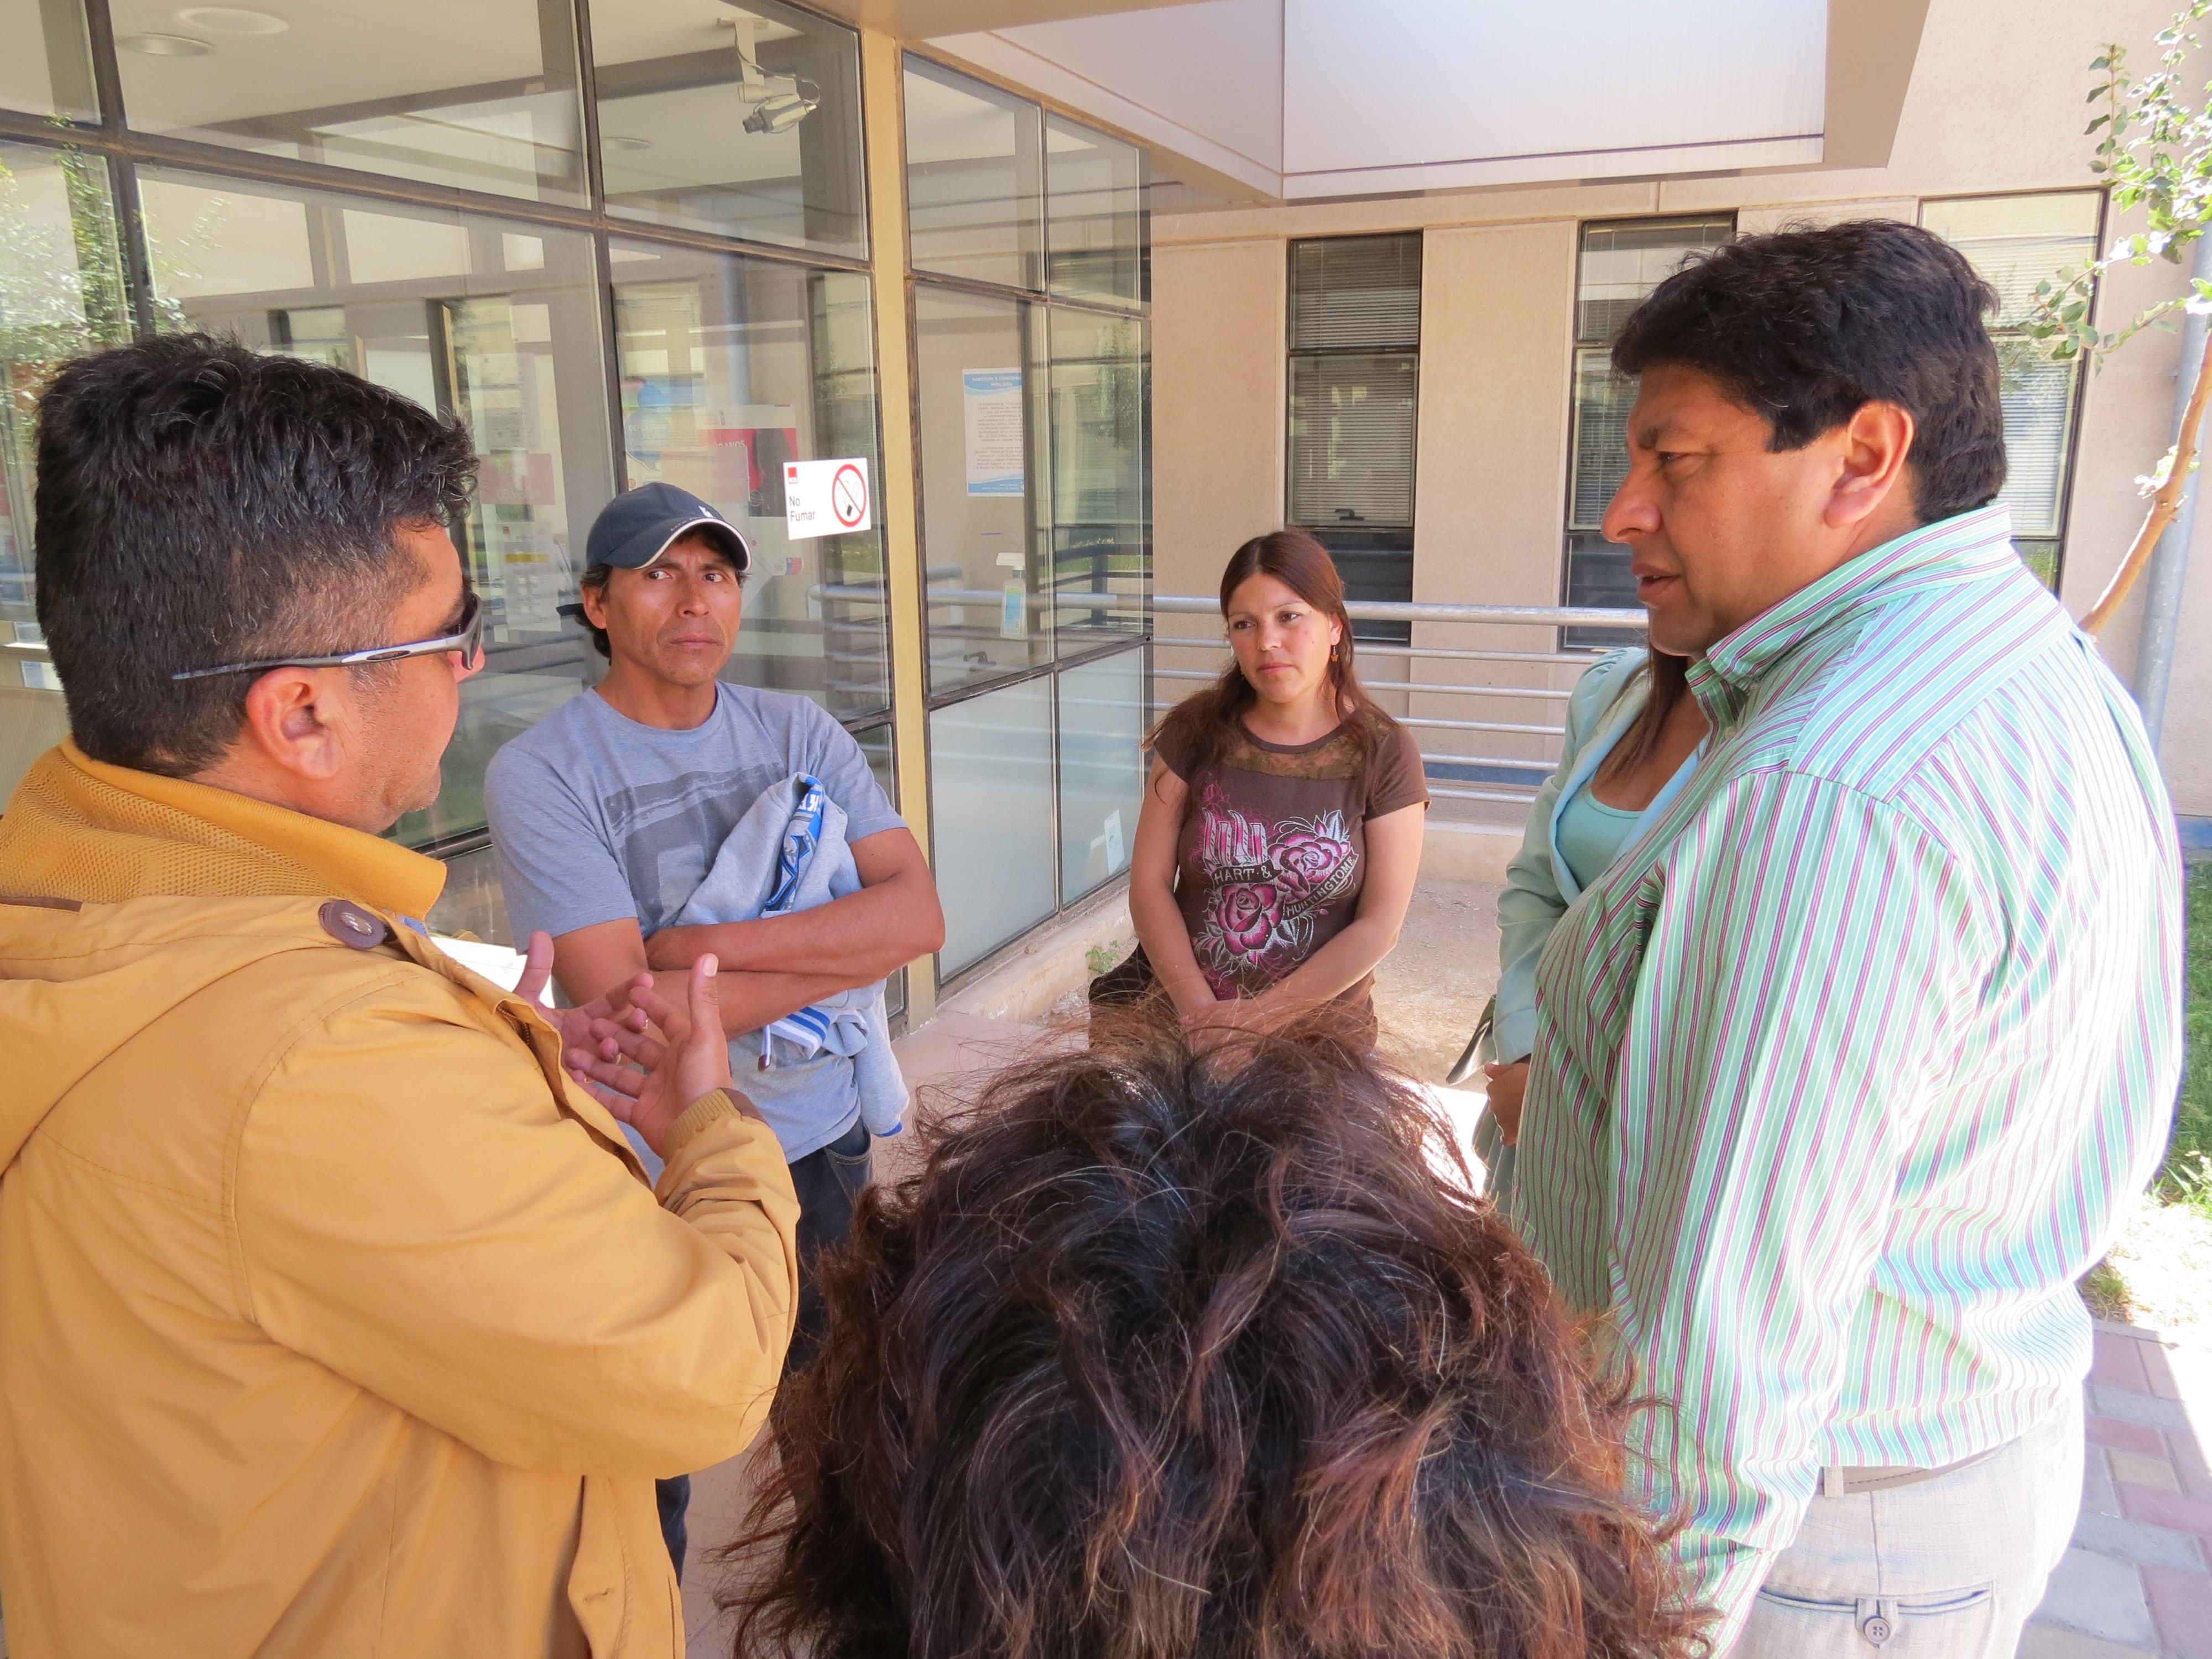 Familia de siamesas vallenarinas solicitan apoyo para trasladarlas